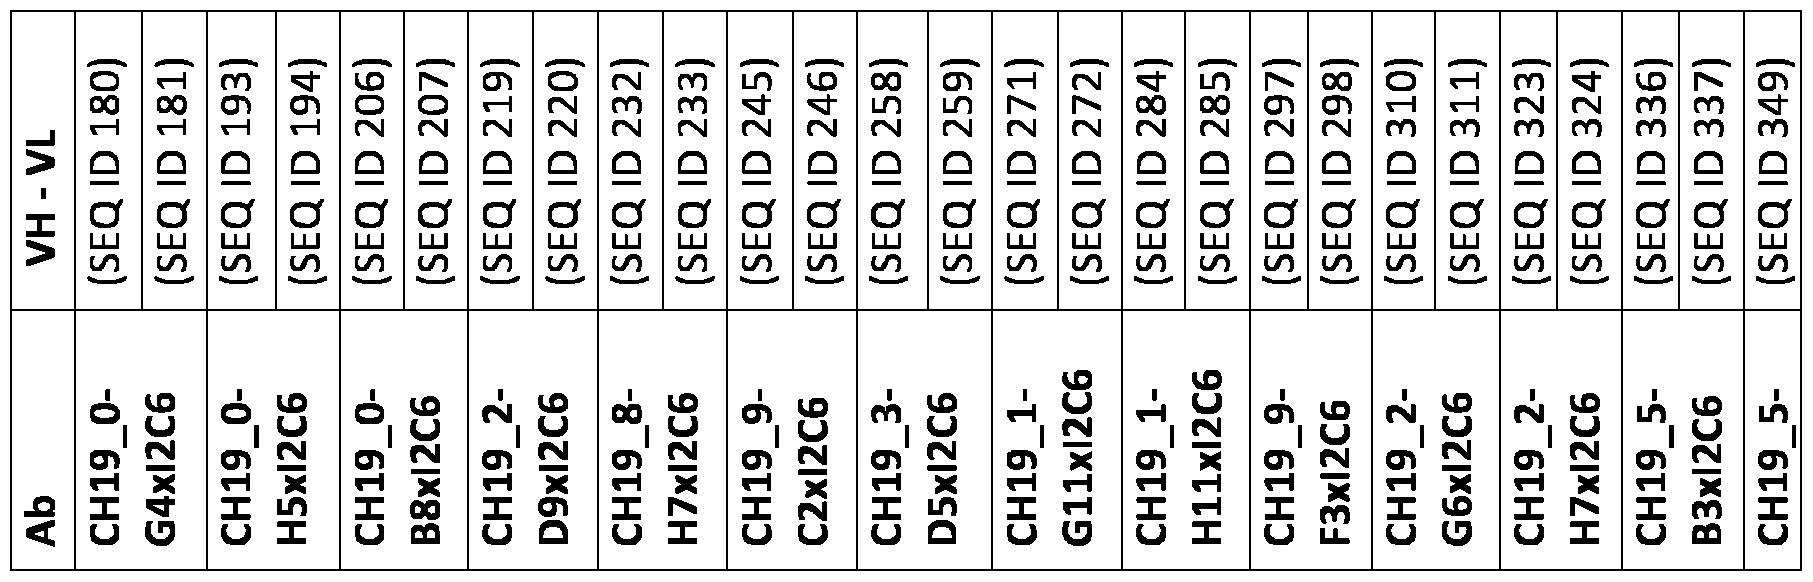 Figure imgf000087_0003